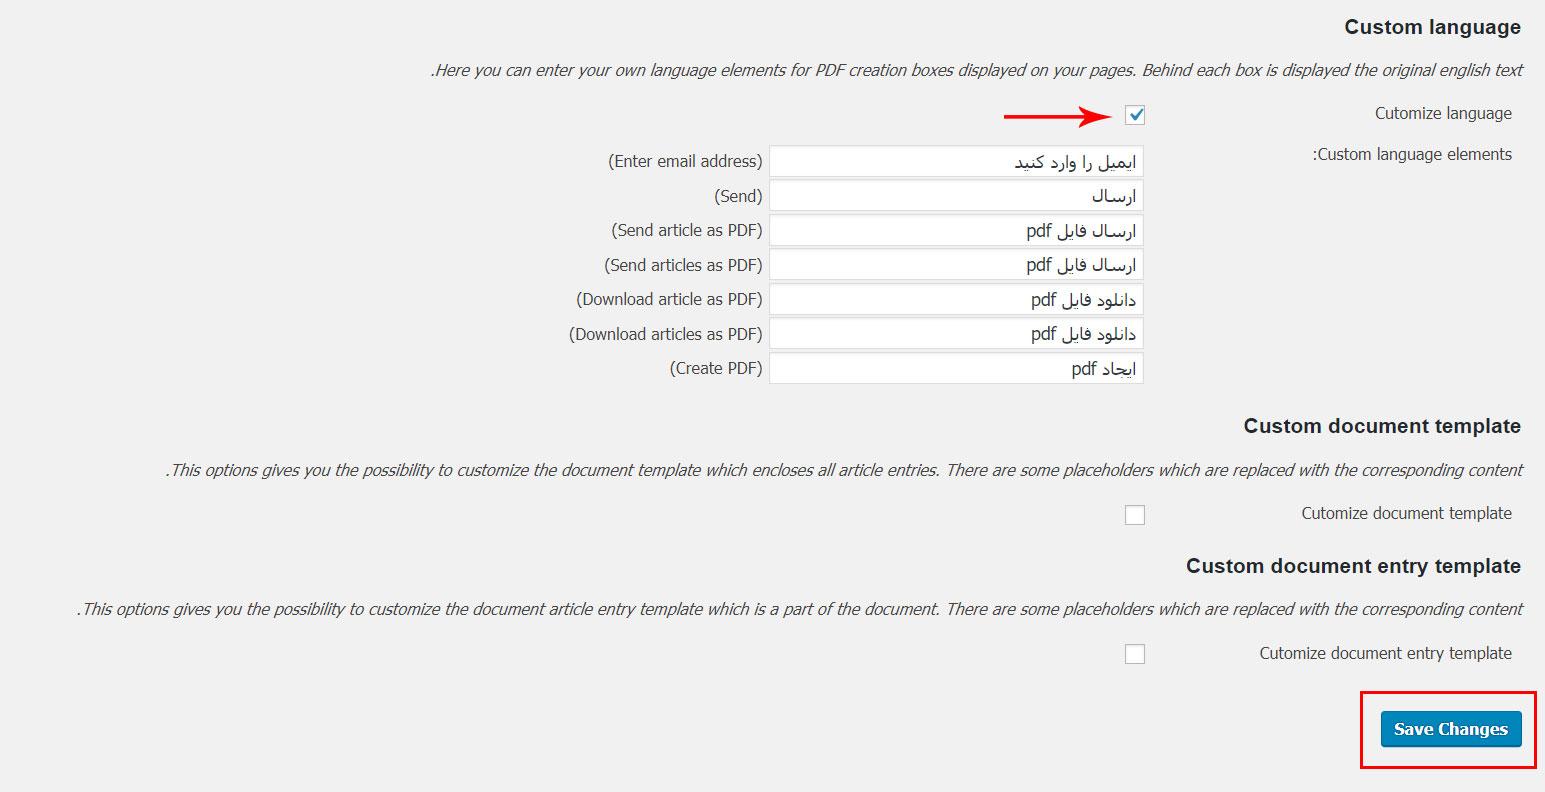 تنظیمات-زبان-PDF24-Article-To-PDF